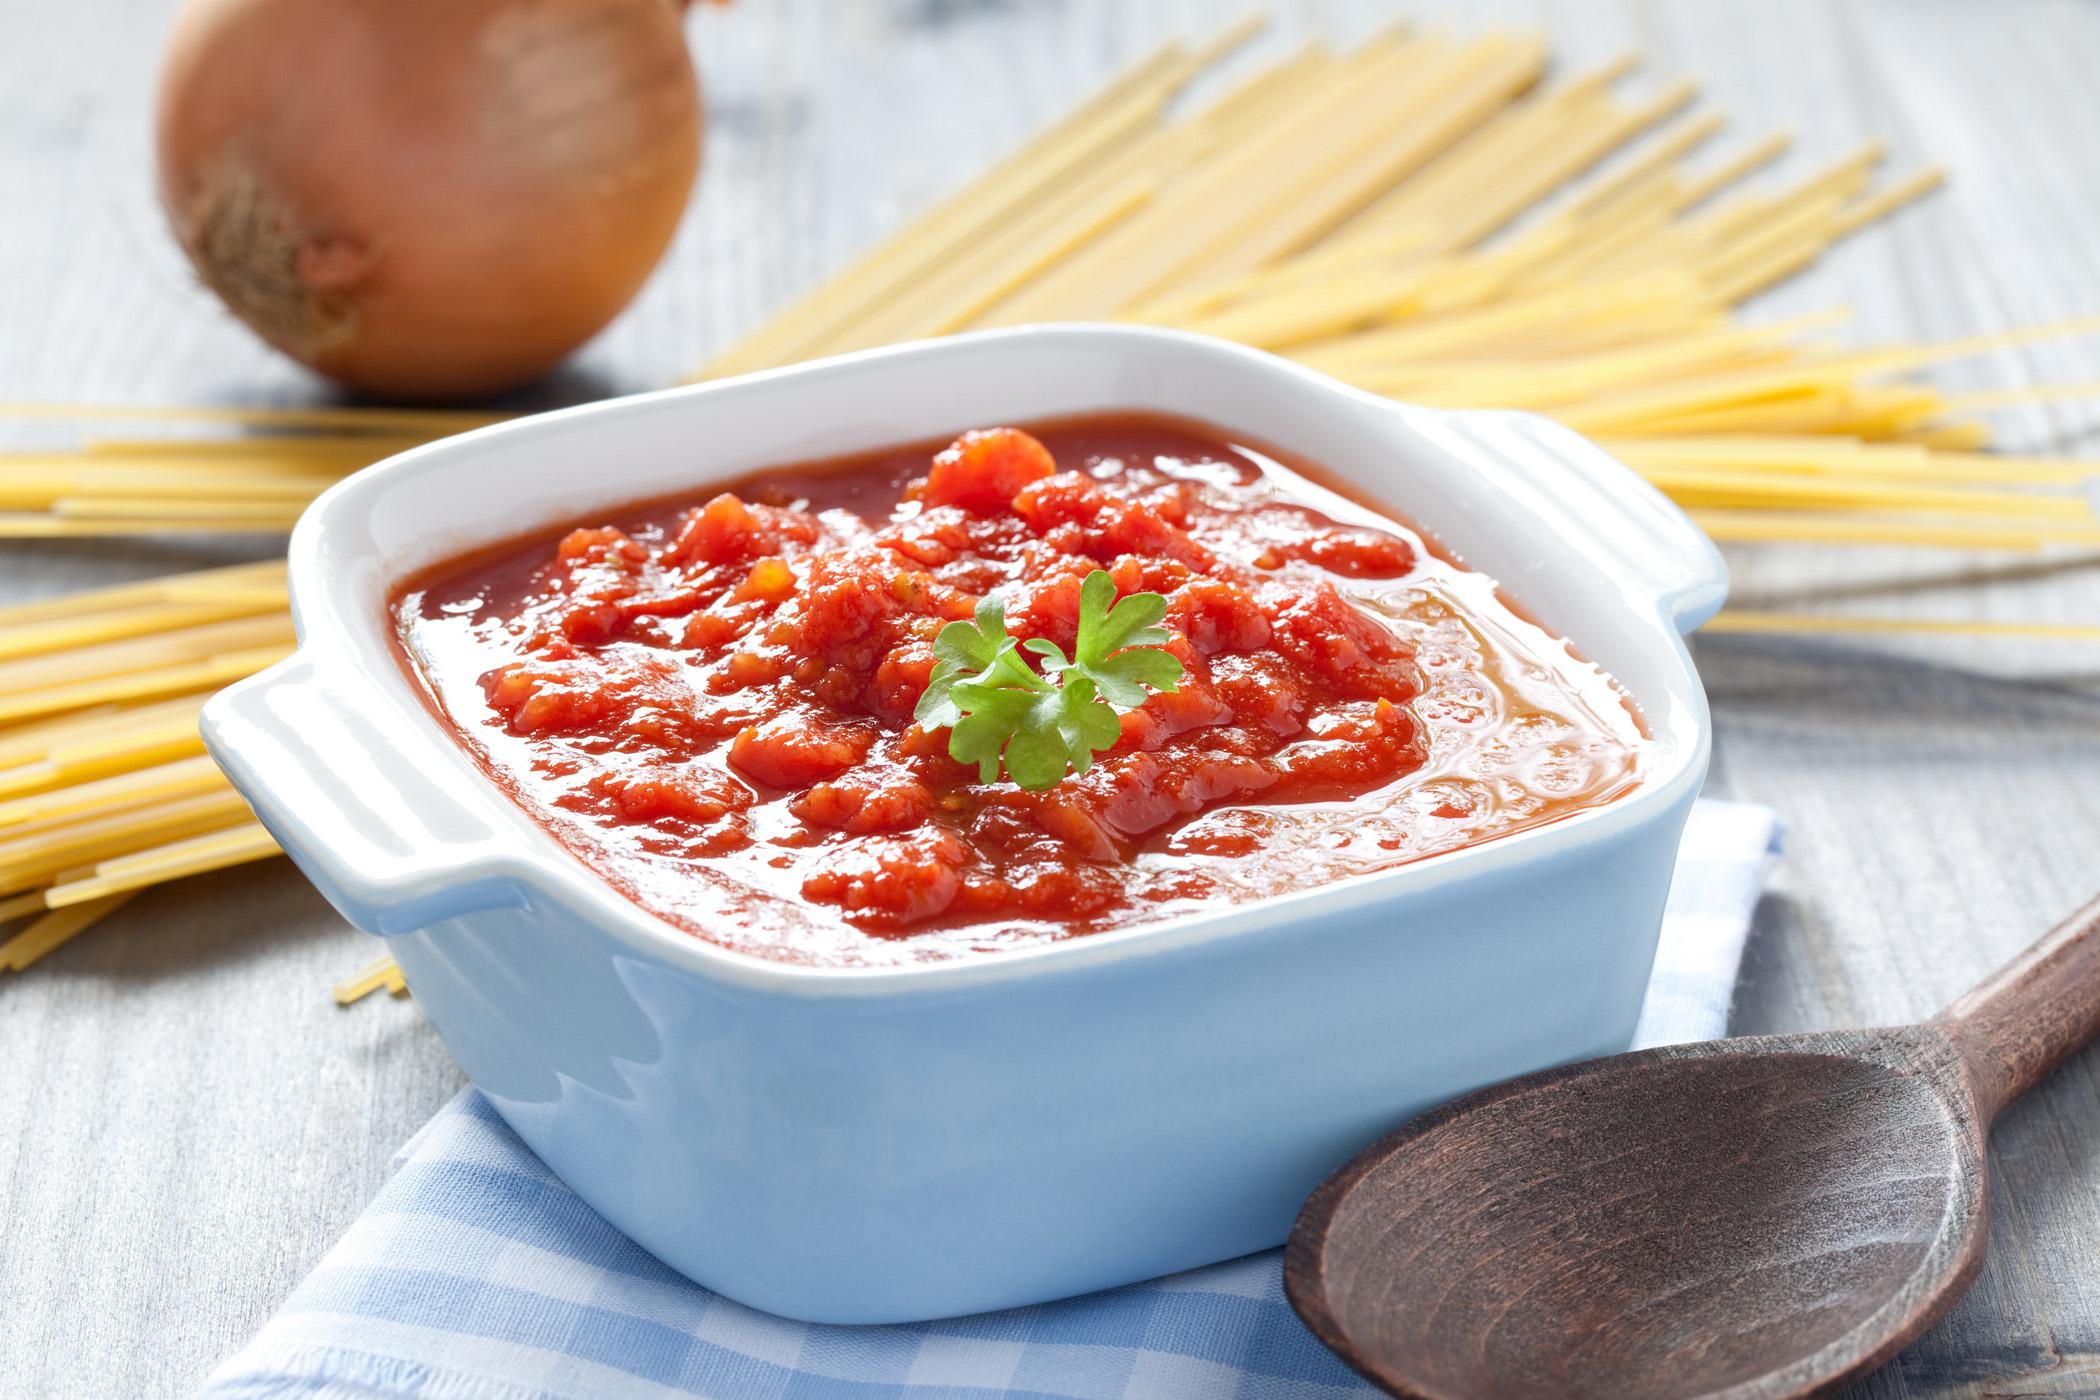 томатный соус к мясу рецепт с фото торты